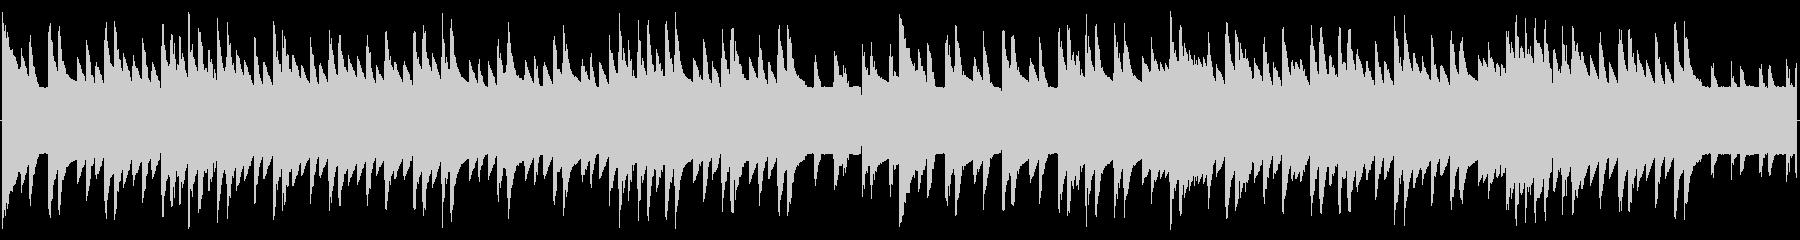 チップチューンの短いジャズループ4の未再生の波形